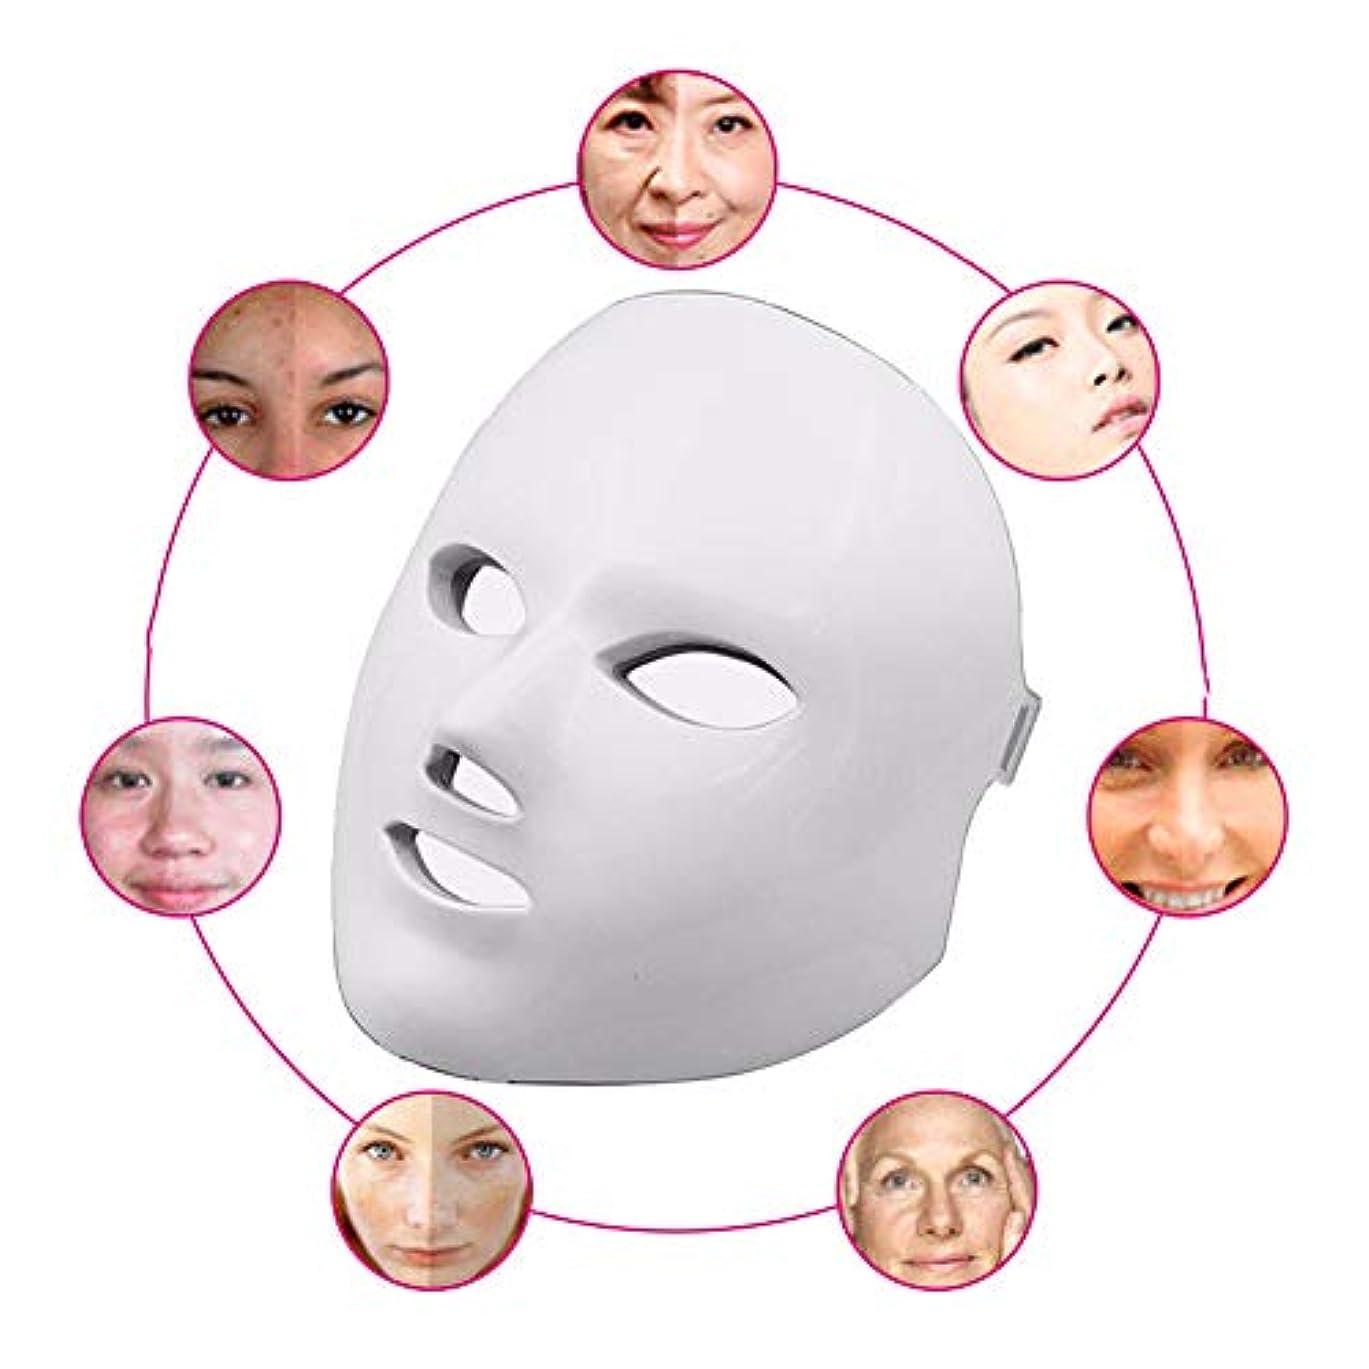 バンケットカウンタ酔っ払い赤色光光子治療機7色ledマスク再生PDT抗にきびしわ顔の美しさマッサージツール,White